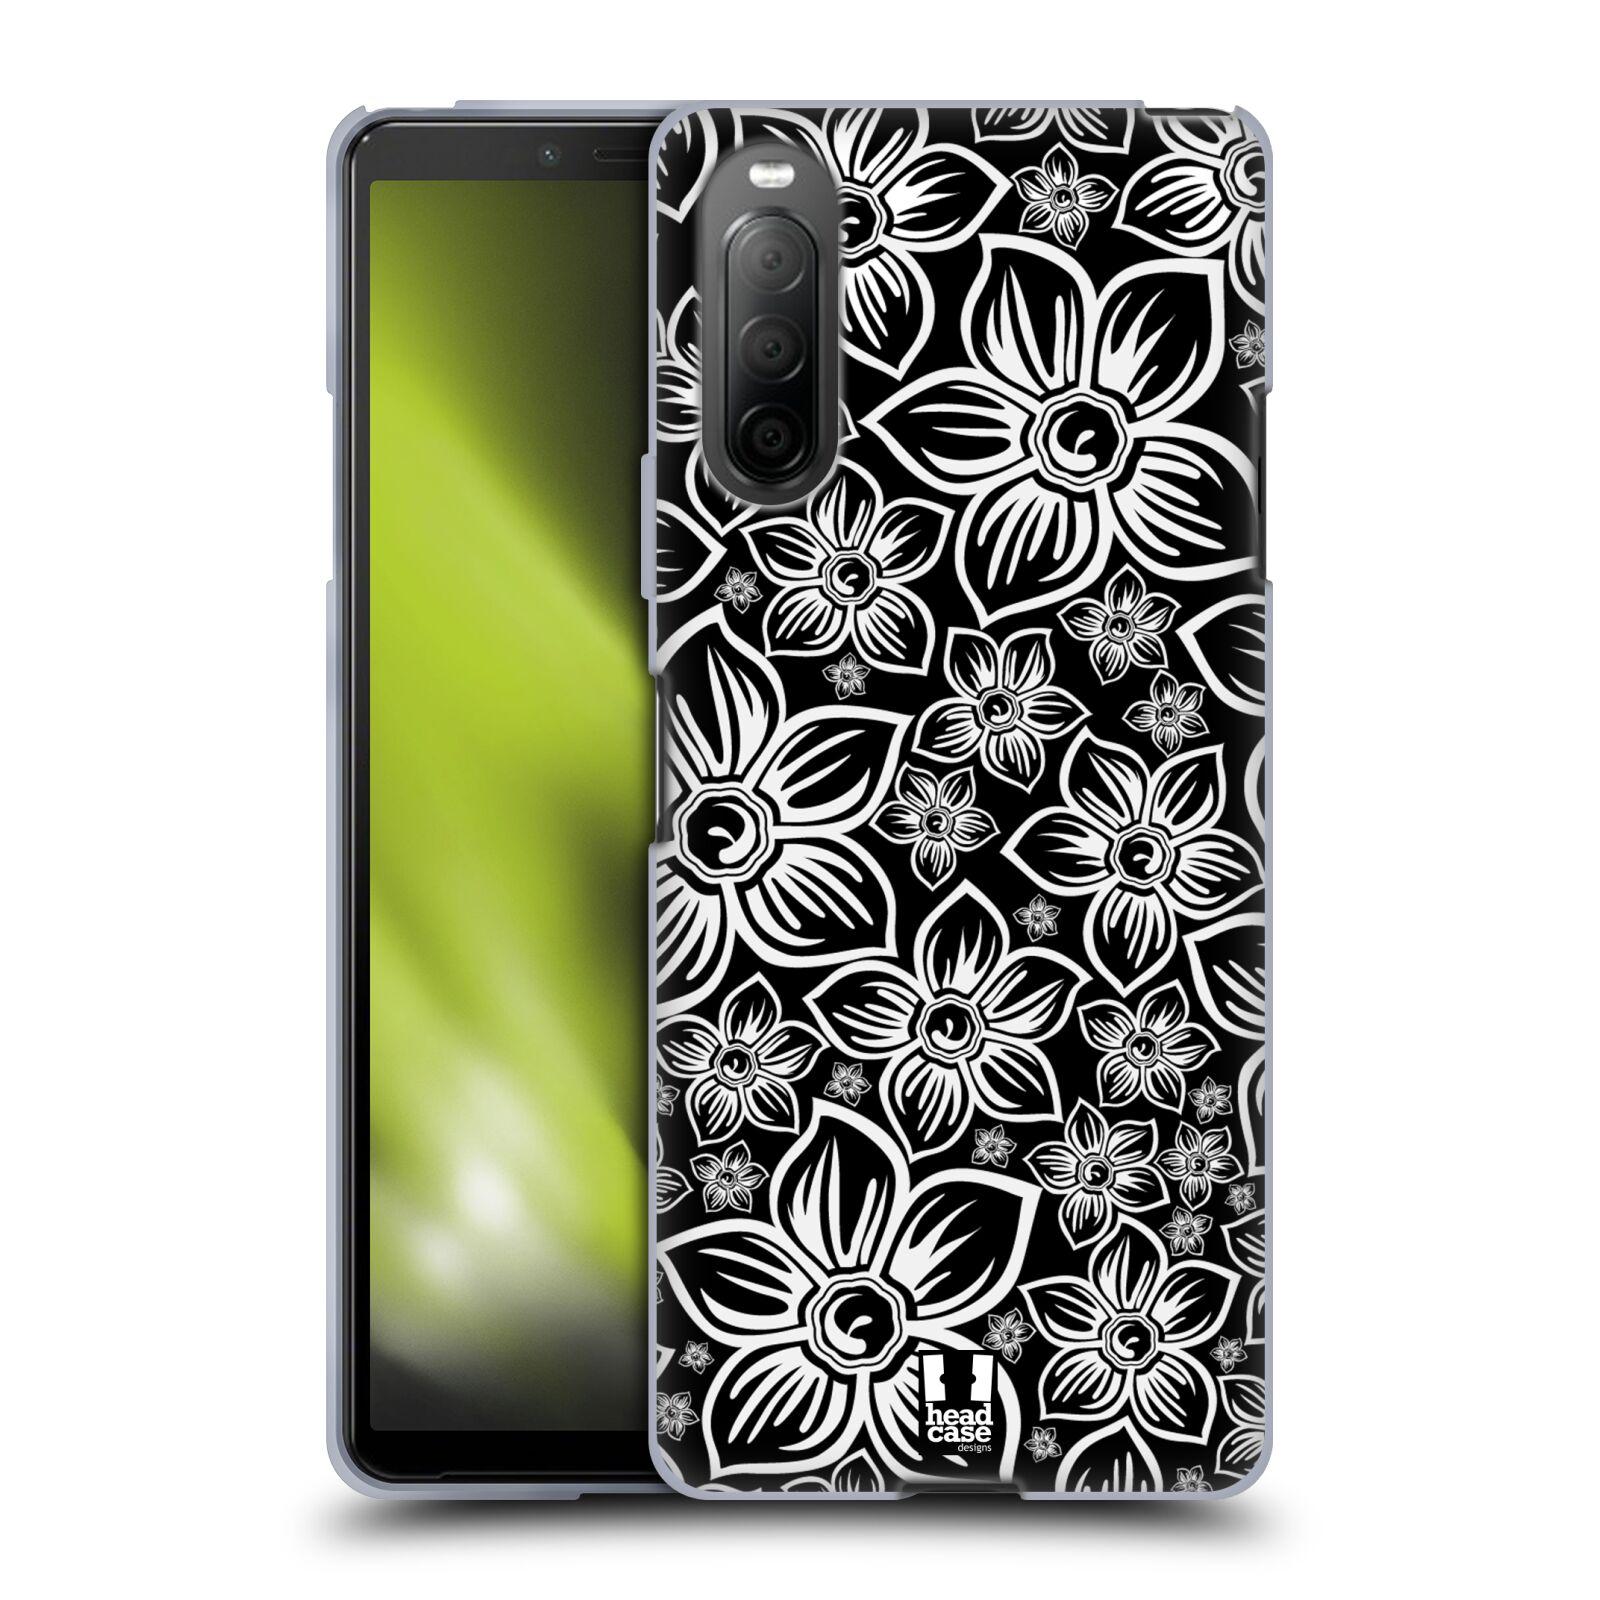 Silikonové pouzdro na mobil Sony Xperia 10 II - Head Case - FLORAL DAISY